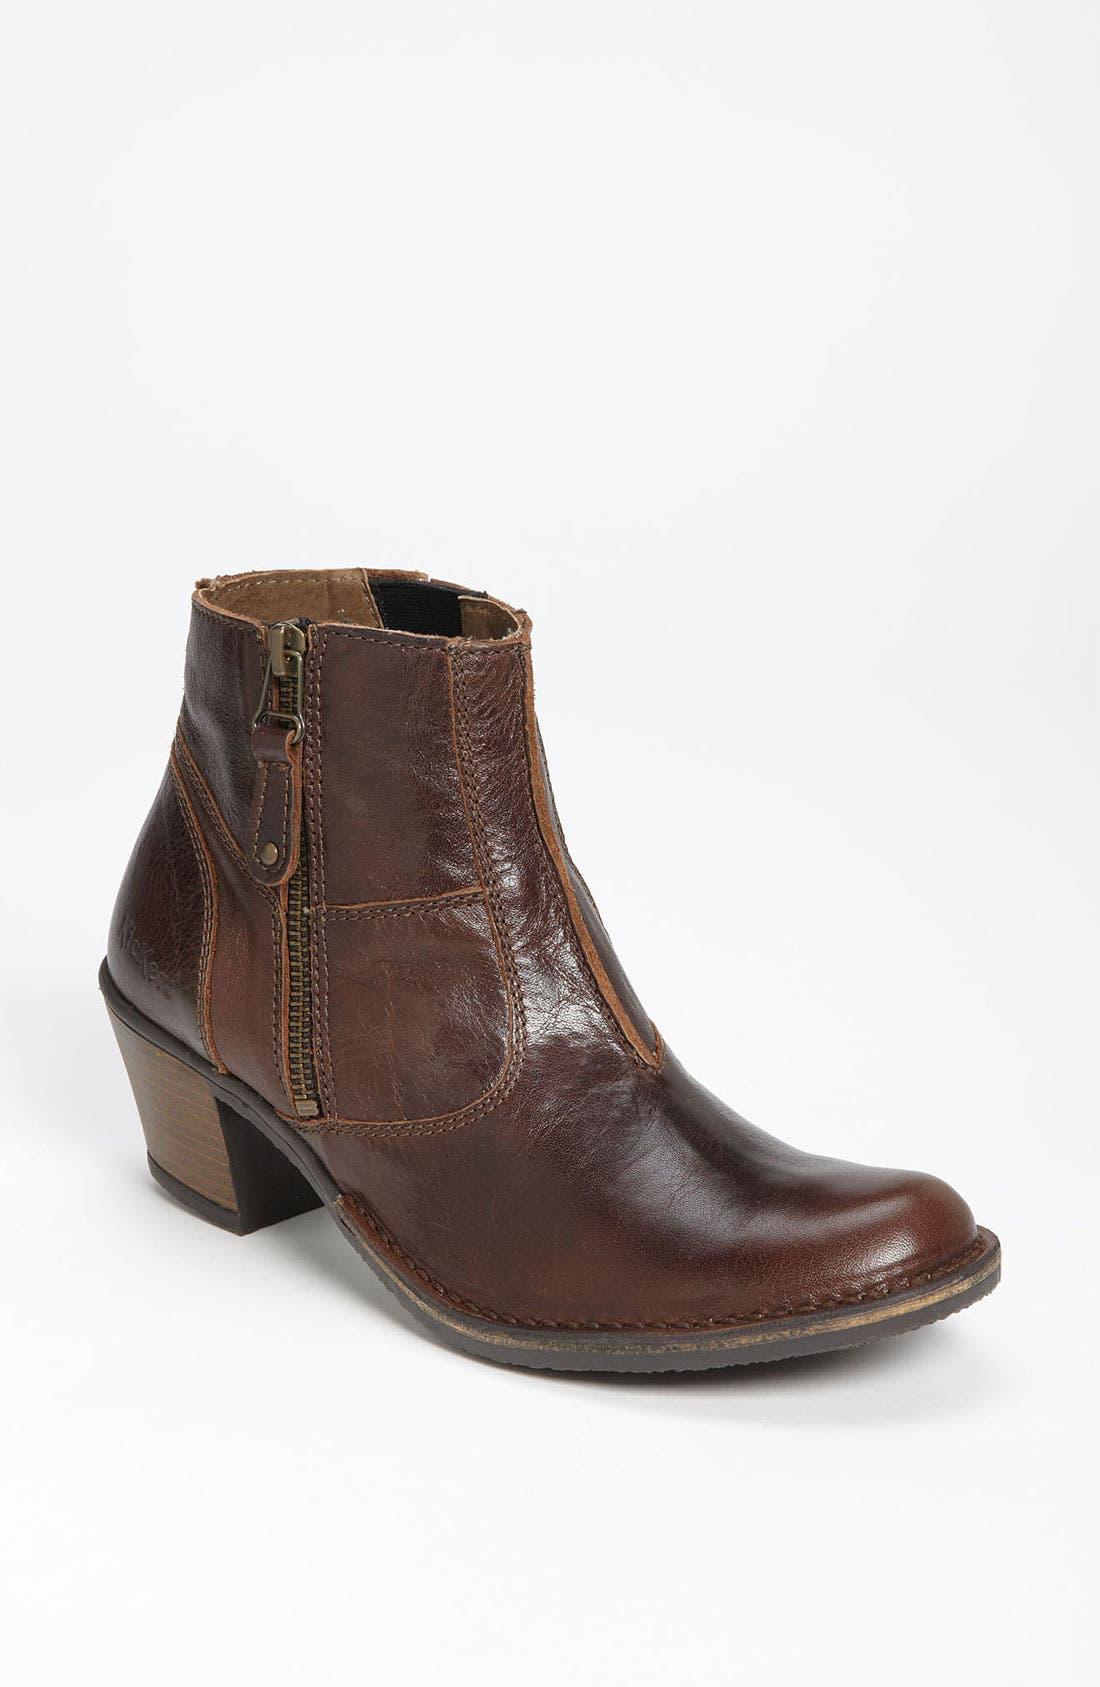 Main Image - Kickers 'Nantucket' Boot